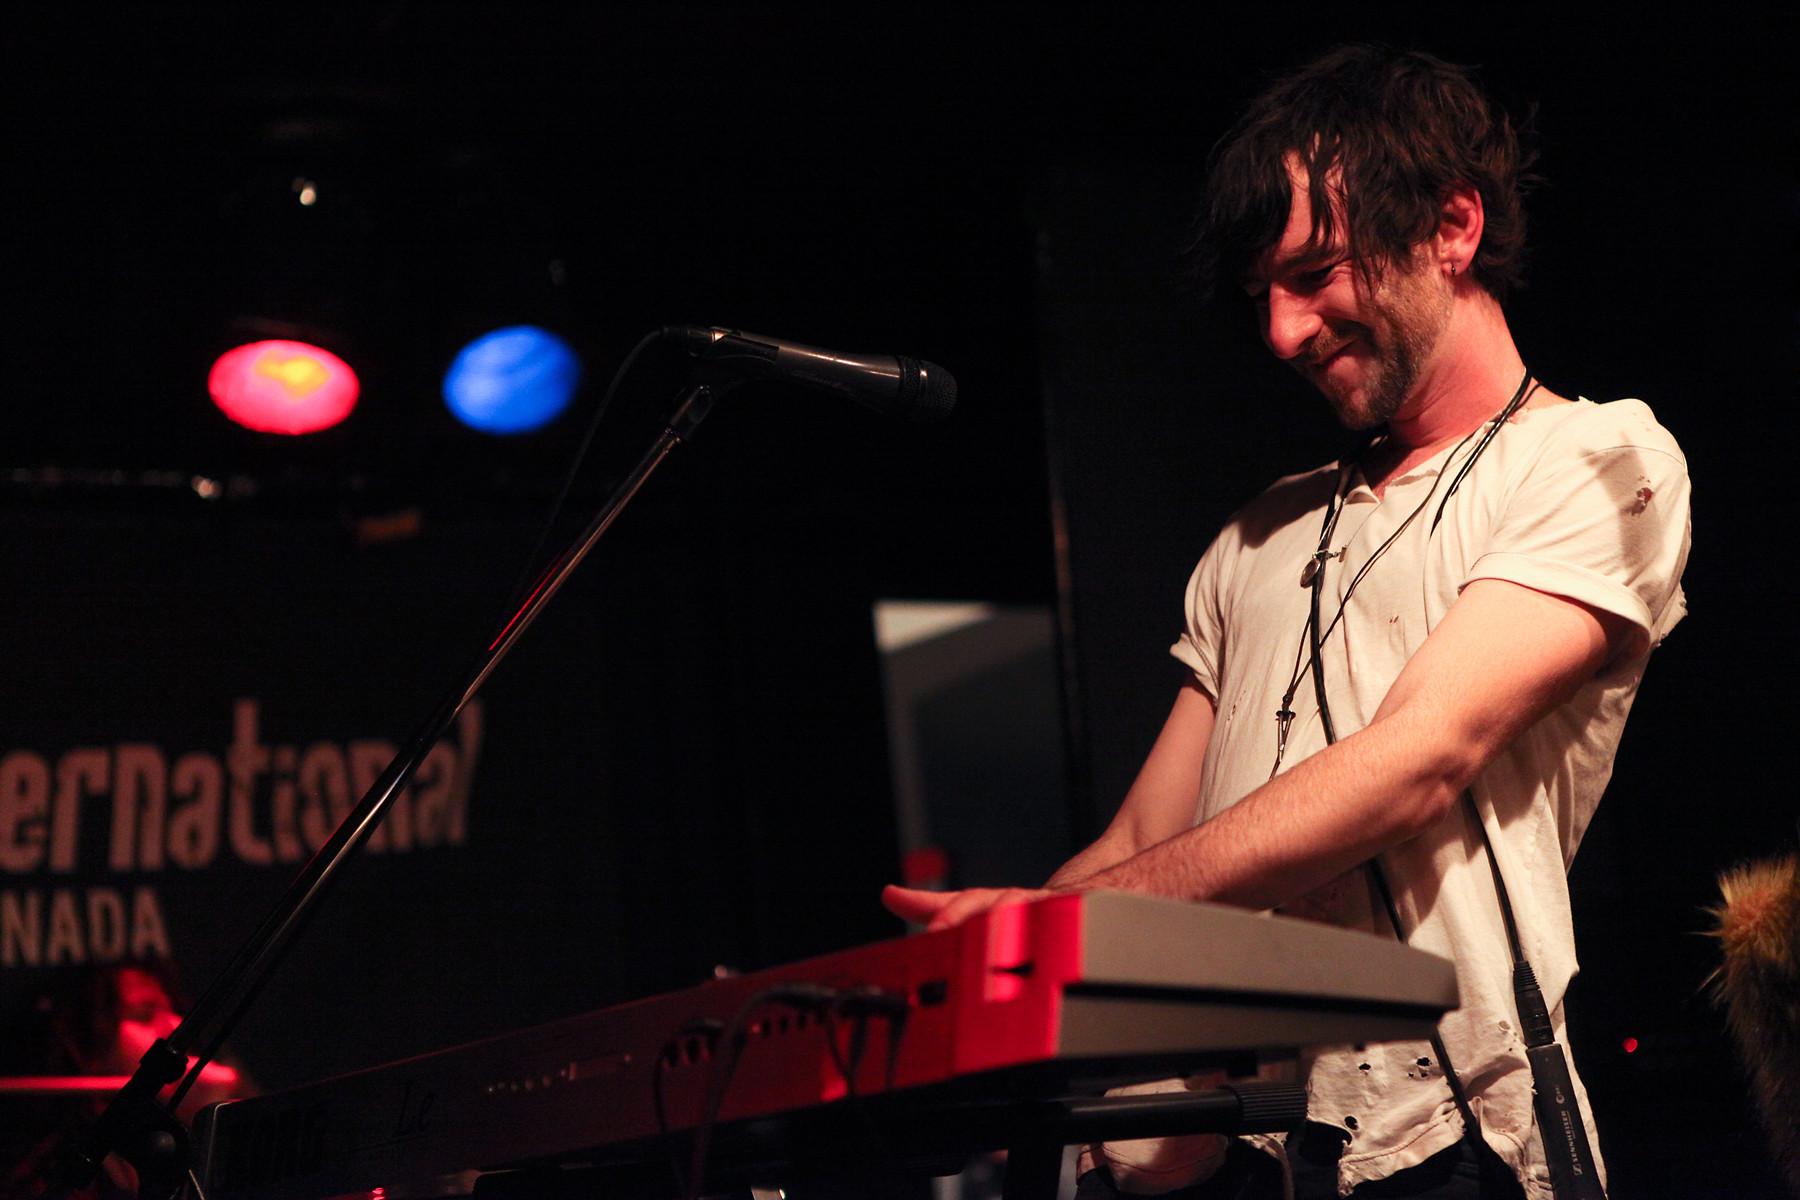 Isle of Dogs @ Indie Week 2010